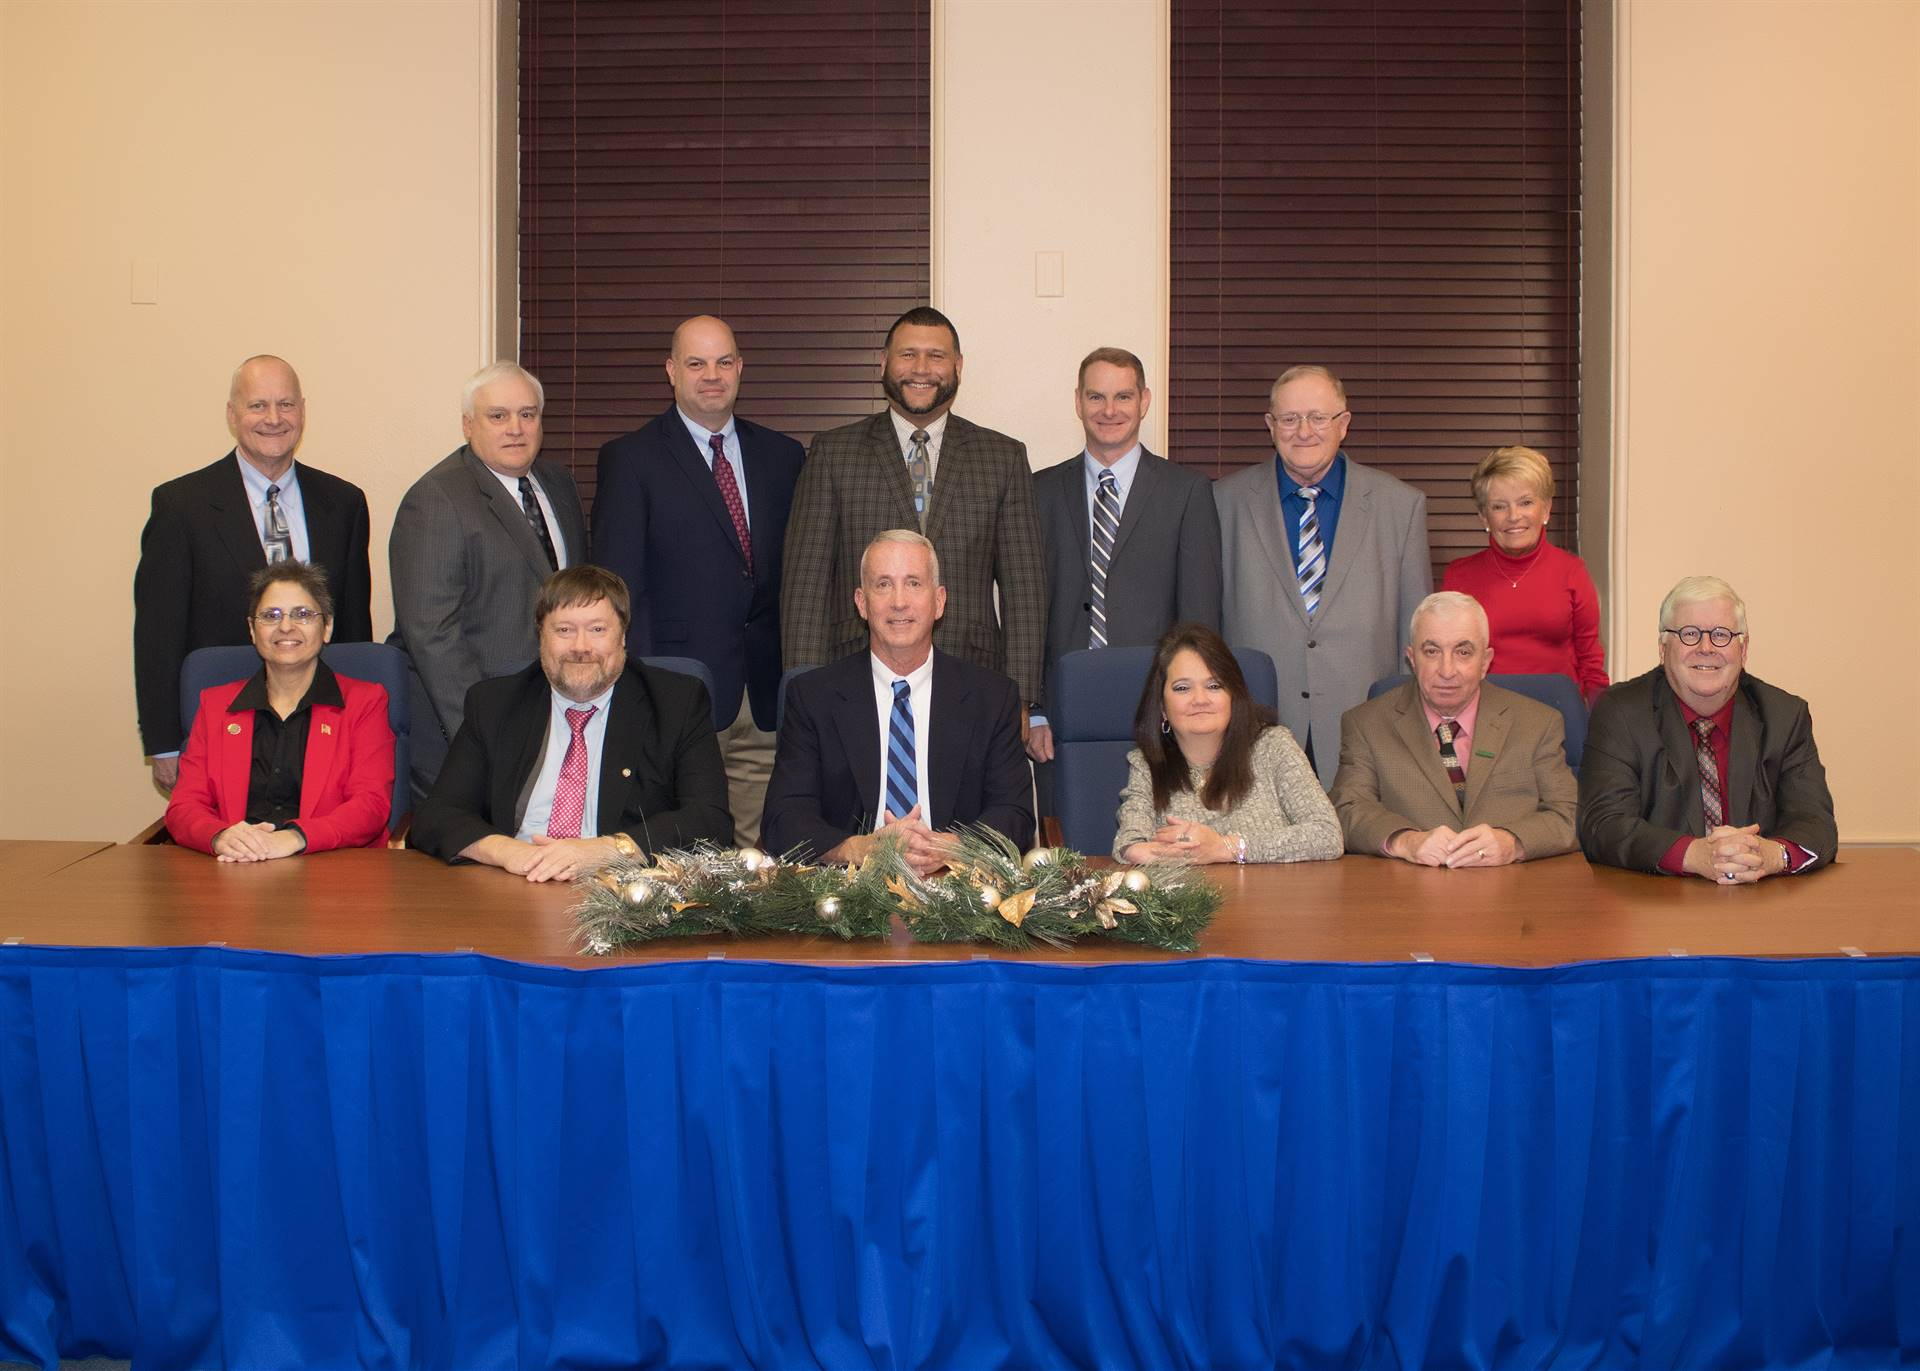 2018 School Board